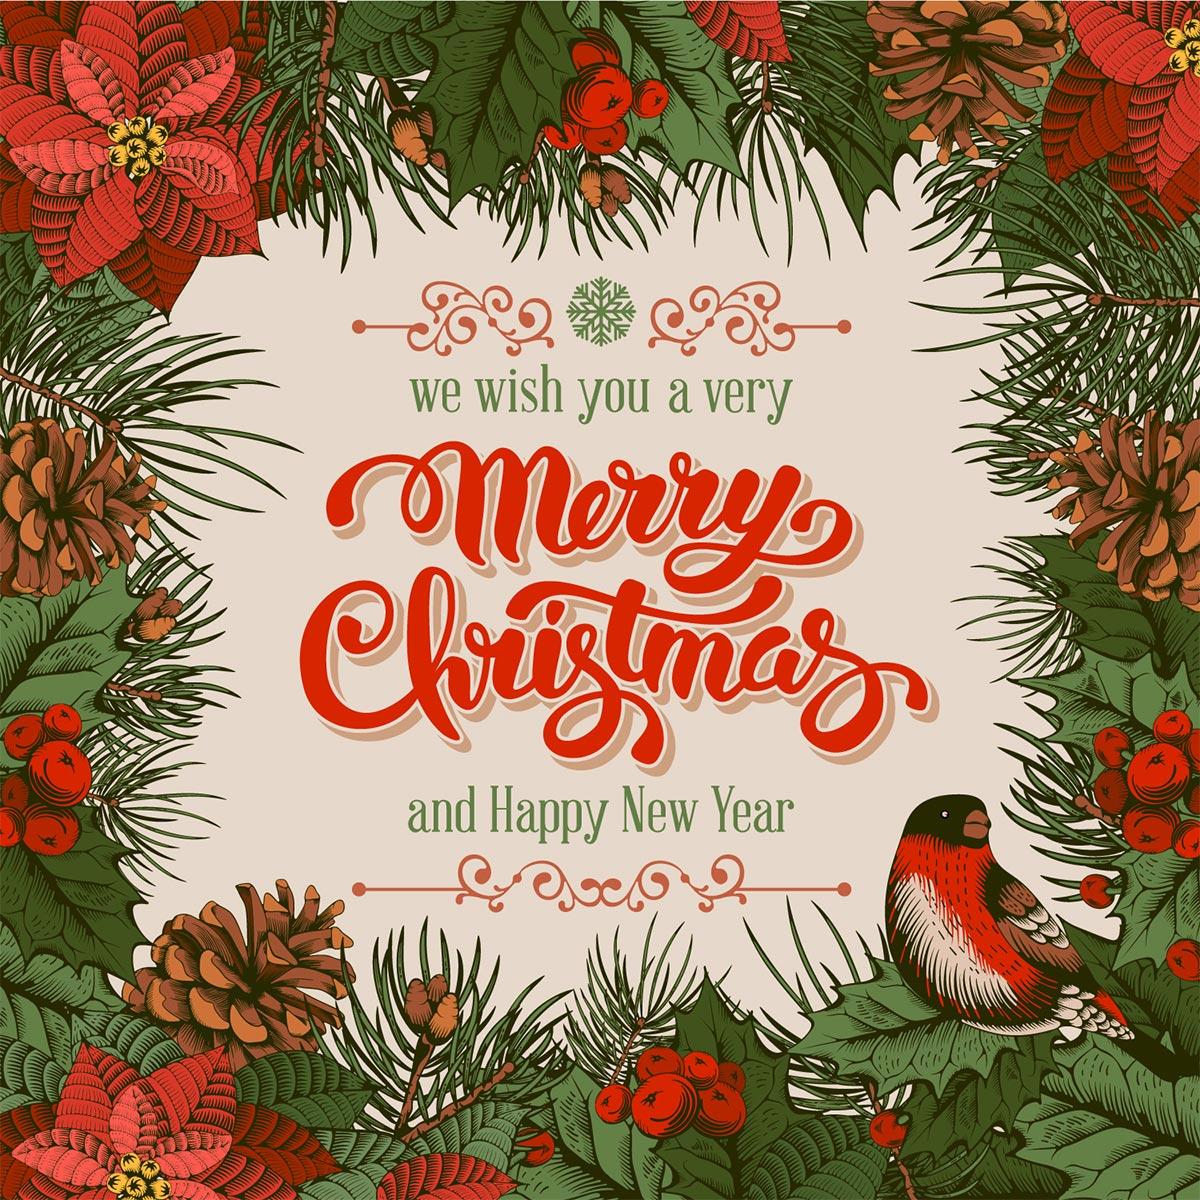 Картинка с текстом - ретро открытка с новым годом на английском языке с сосновыми ветками и шишками, красными цветами и снегирём.